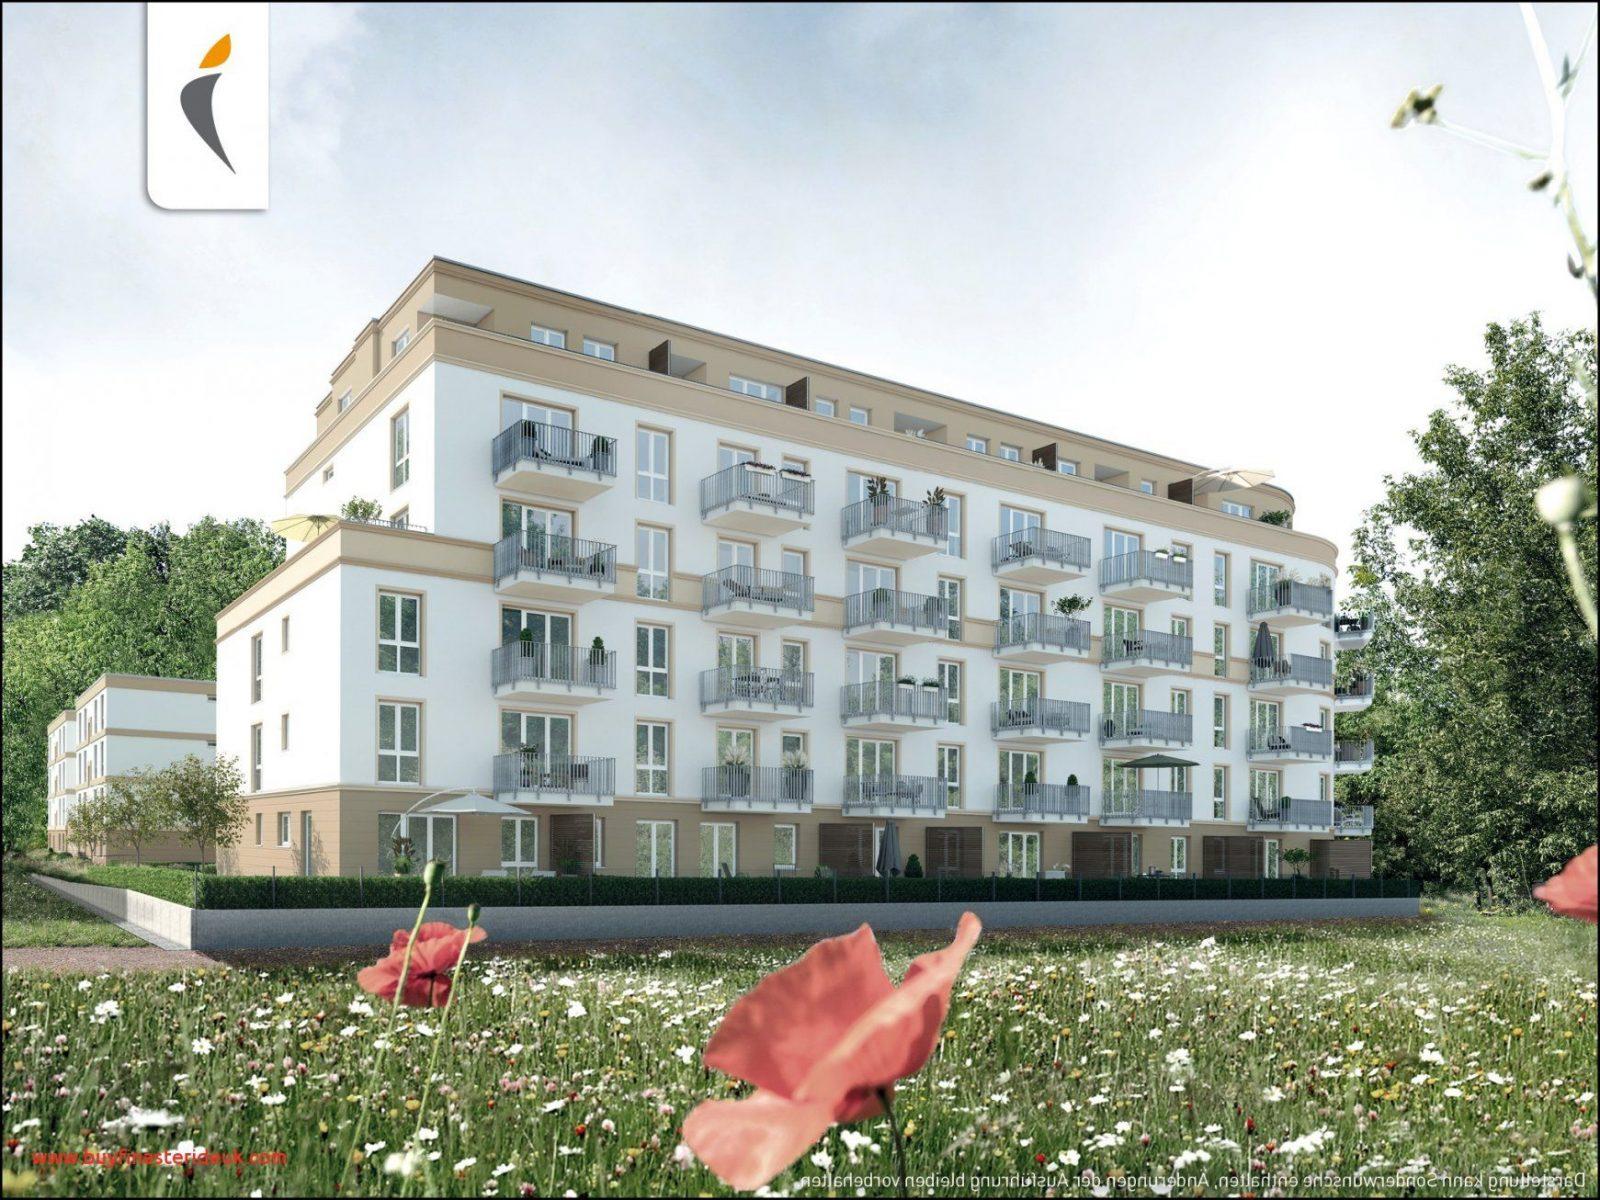 Spandau Haus Kaufen Von Neubau In Berlin Neubauprojekte Und von Haus Kaufen Berlin Spandau Photo